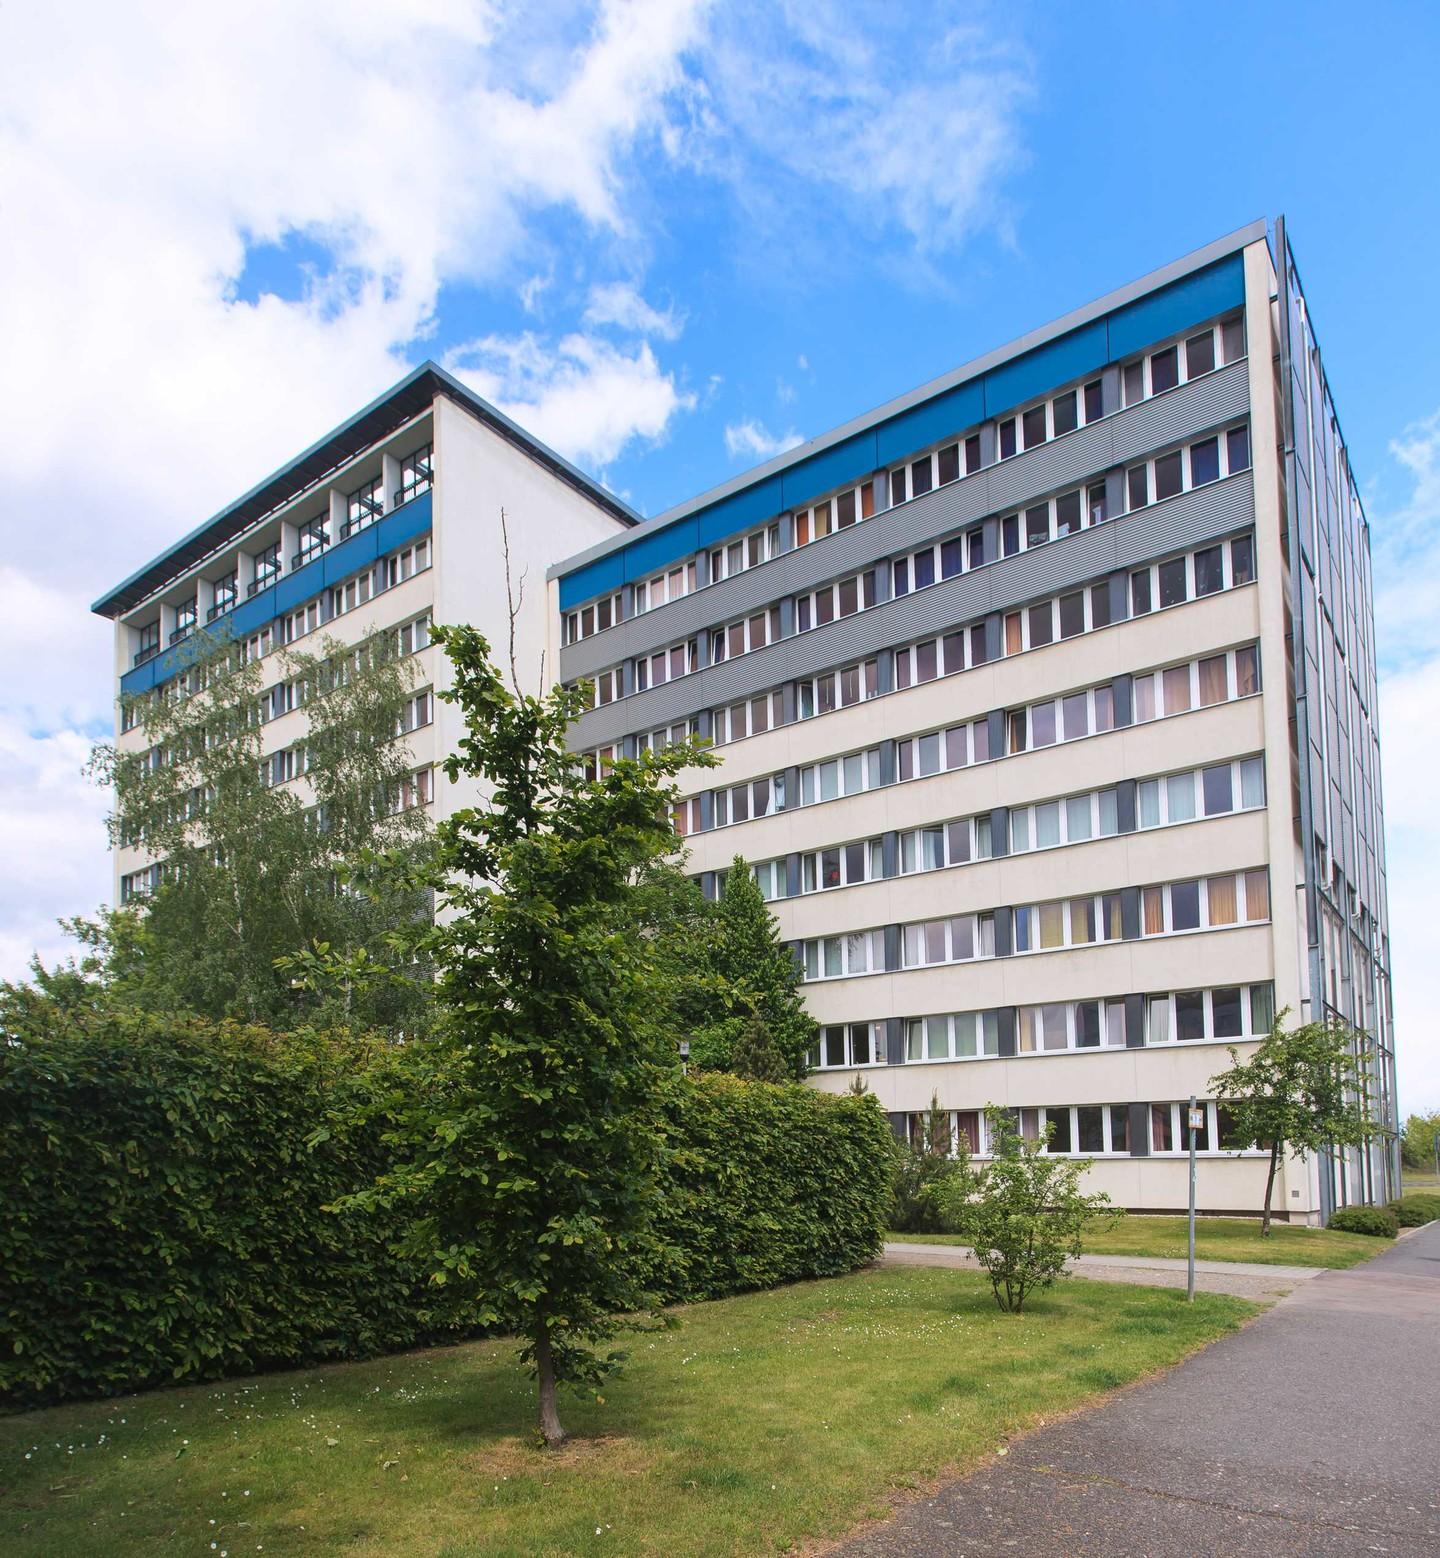 Studentenwerk Wohnen Wohnheime In Saarbr: Gärtnerstraße 181